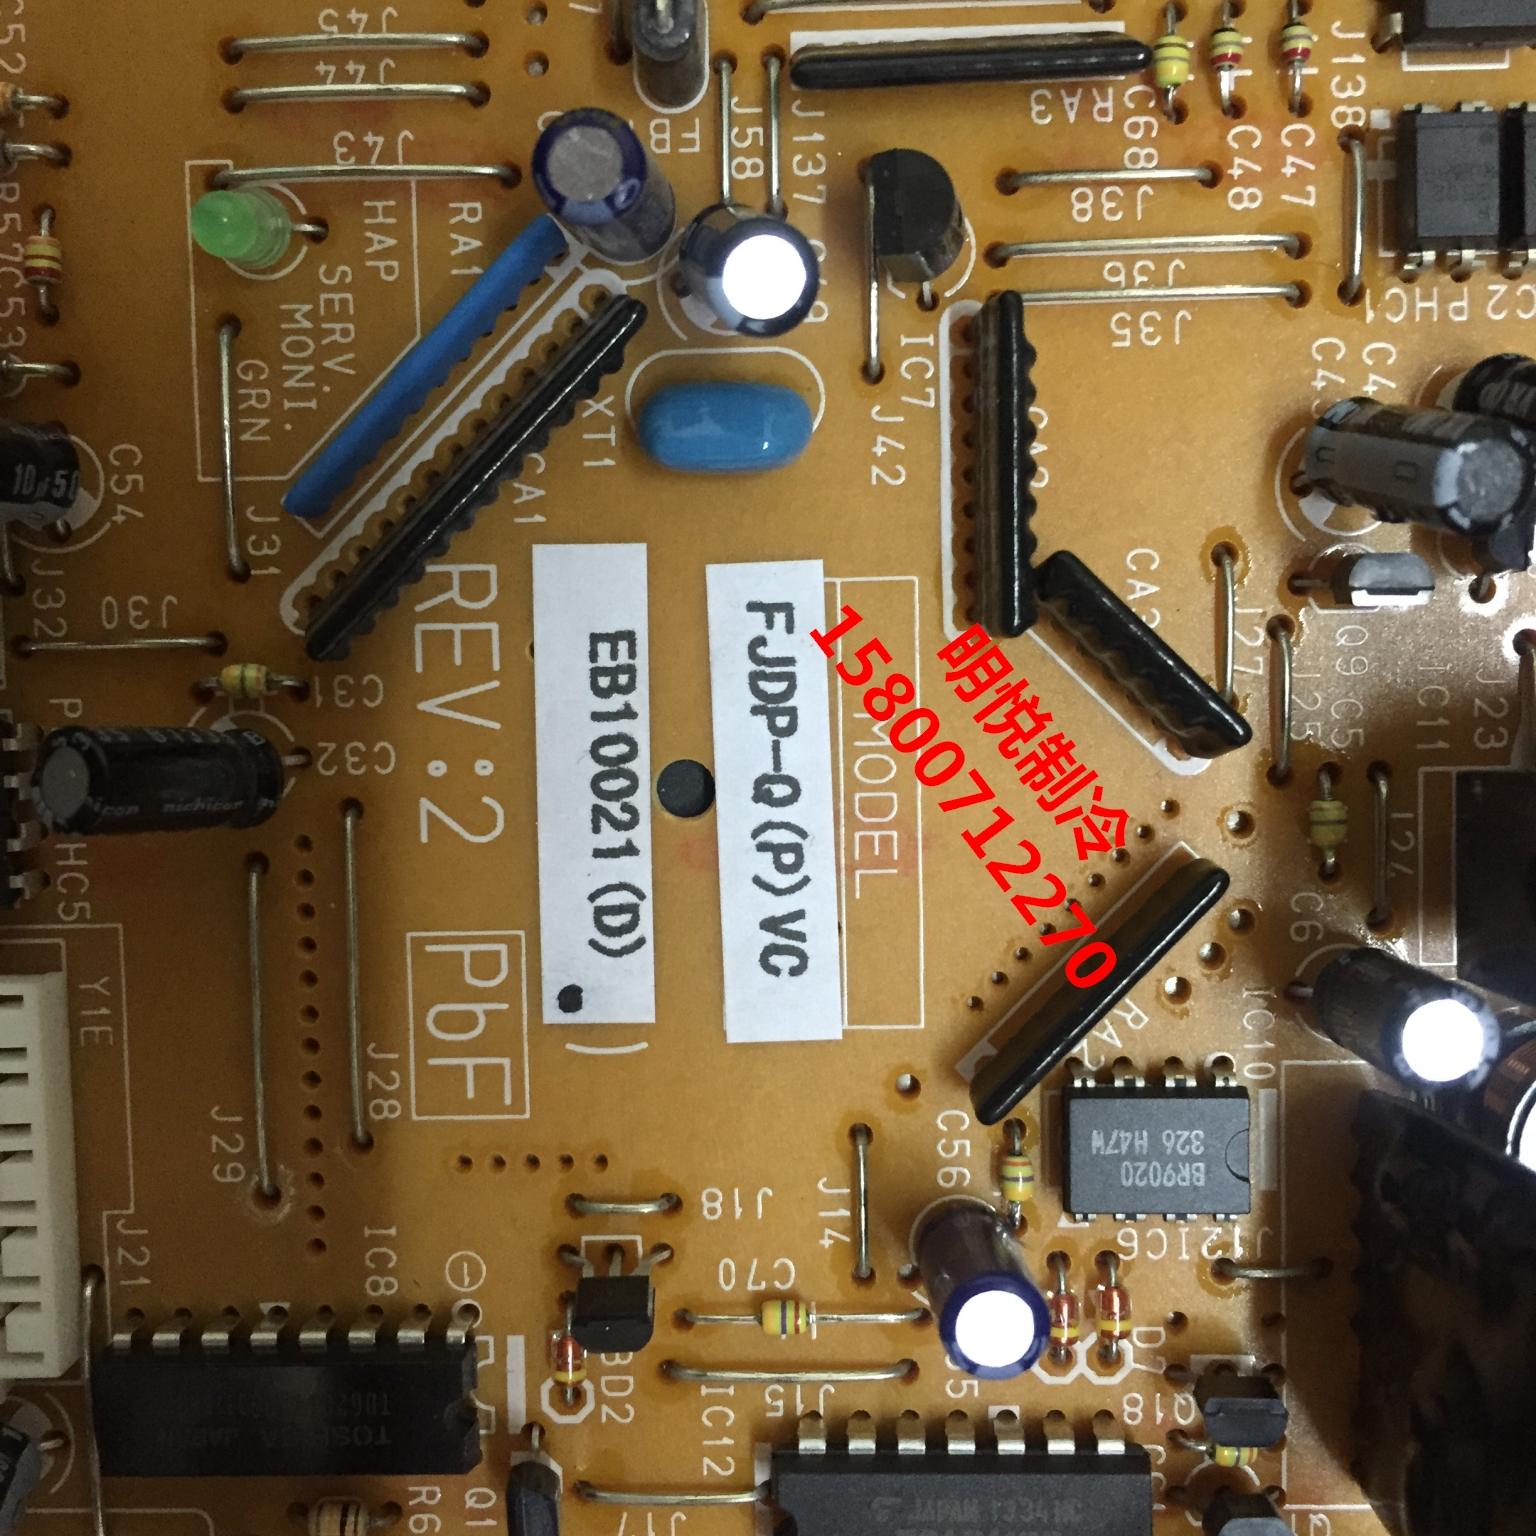 Daikin klimaanlagen - Daikin FJDP50QPVC Board - computer EB10021 in seinem Wind - Maschine